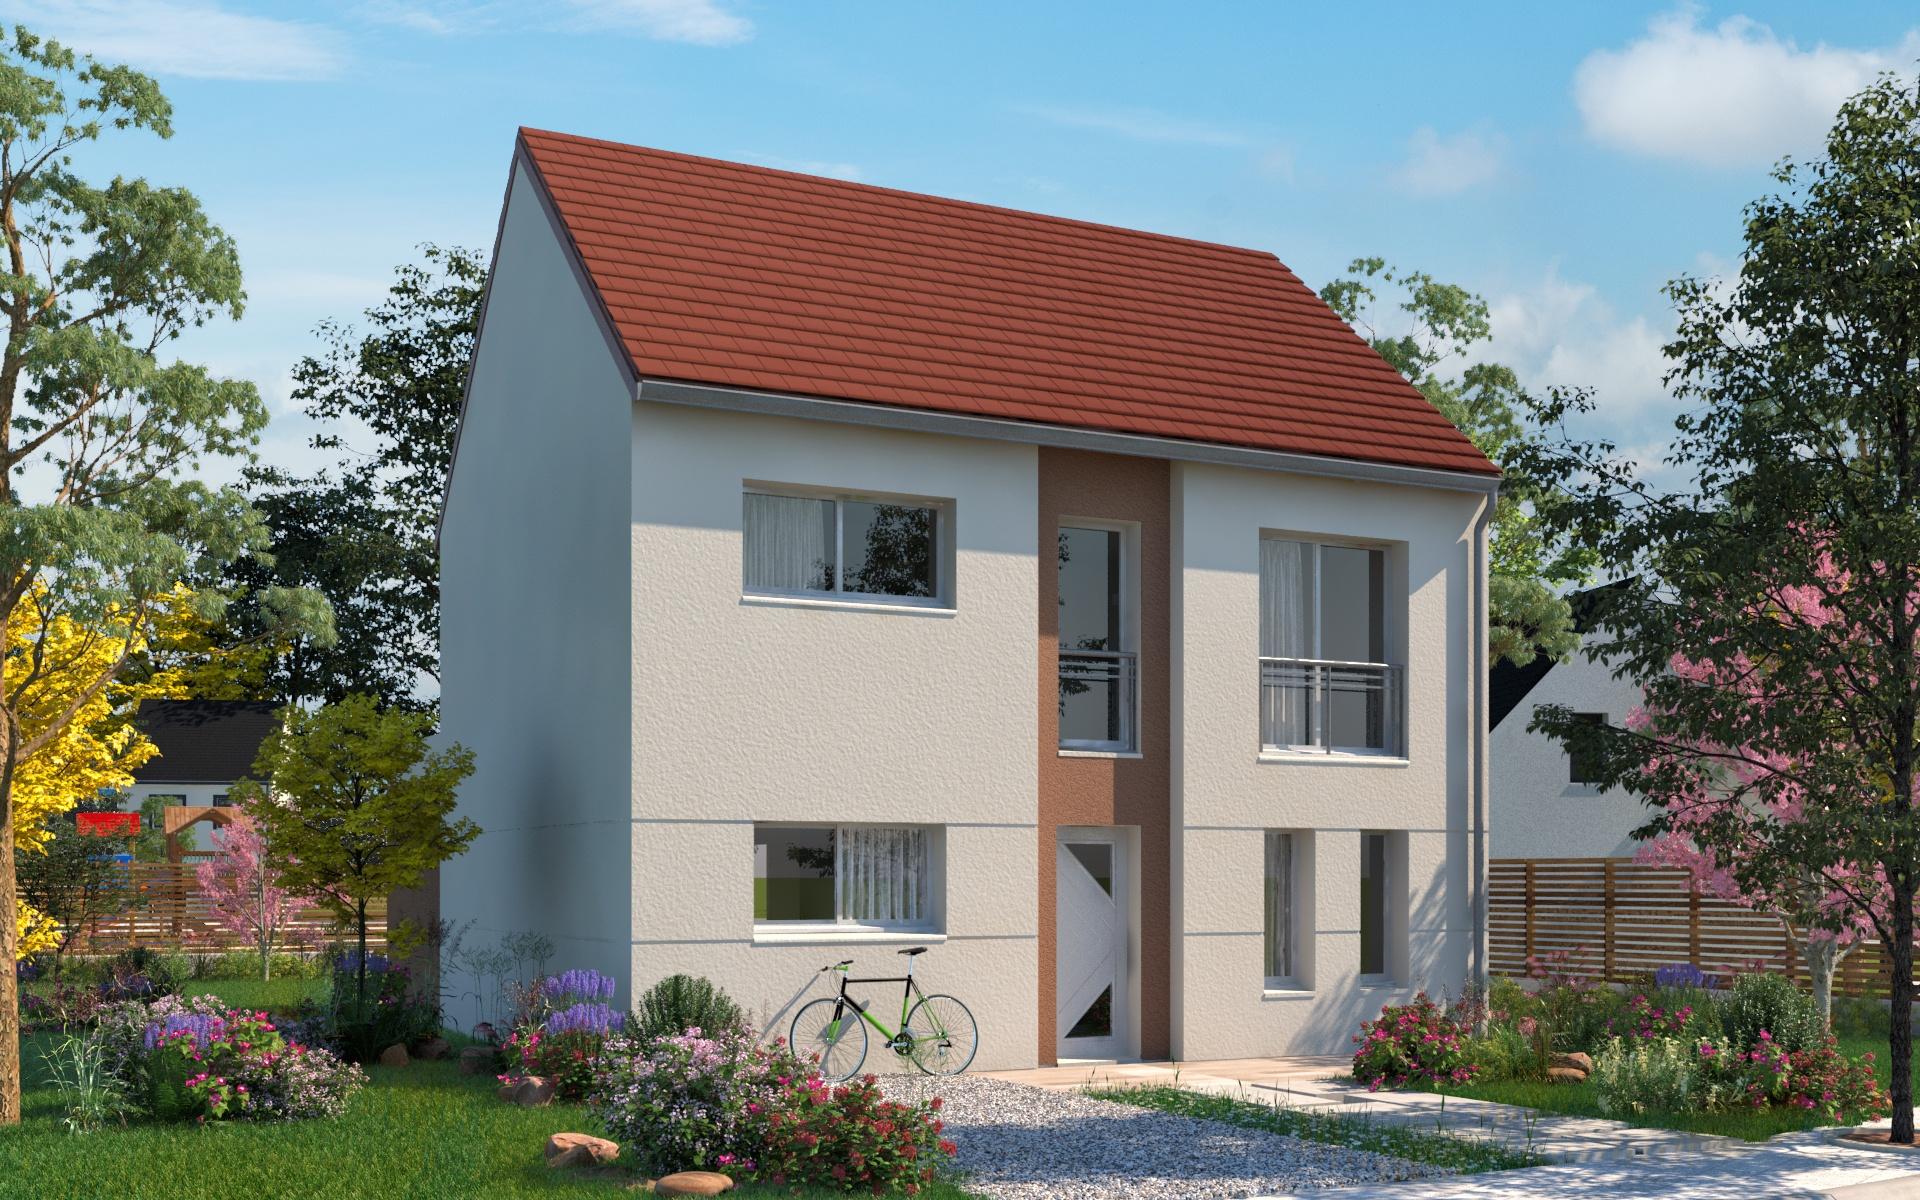 Maisons + Terrains du constructeur RESIDENCES PICARDES SOISSONS • 118 m² • CHATEAU THIERRY